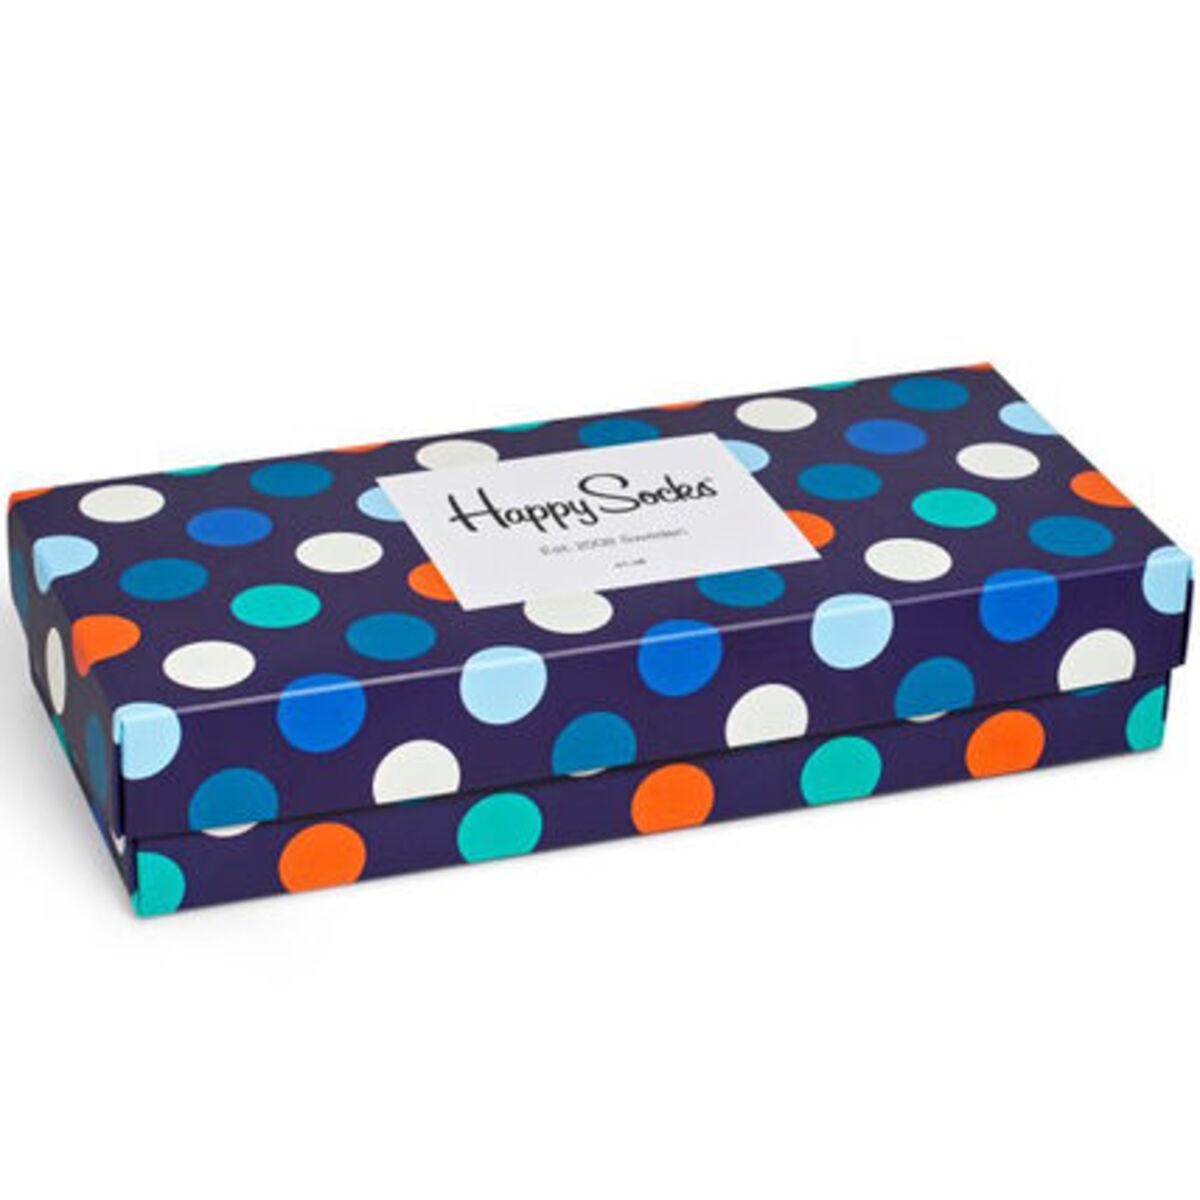 Bild 2 von Happy Socks Socken im 4er-Set, mit Geschenkbox, mehrfarbig, 36-40, mehrfrarbig, 36-40